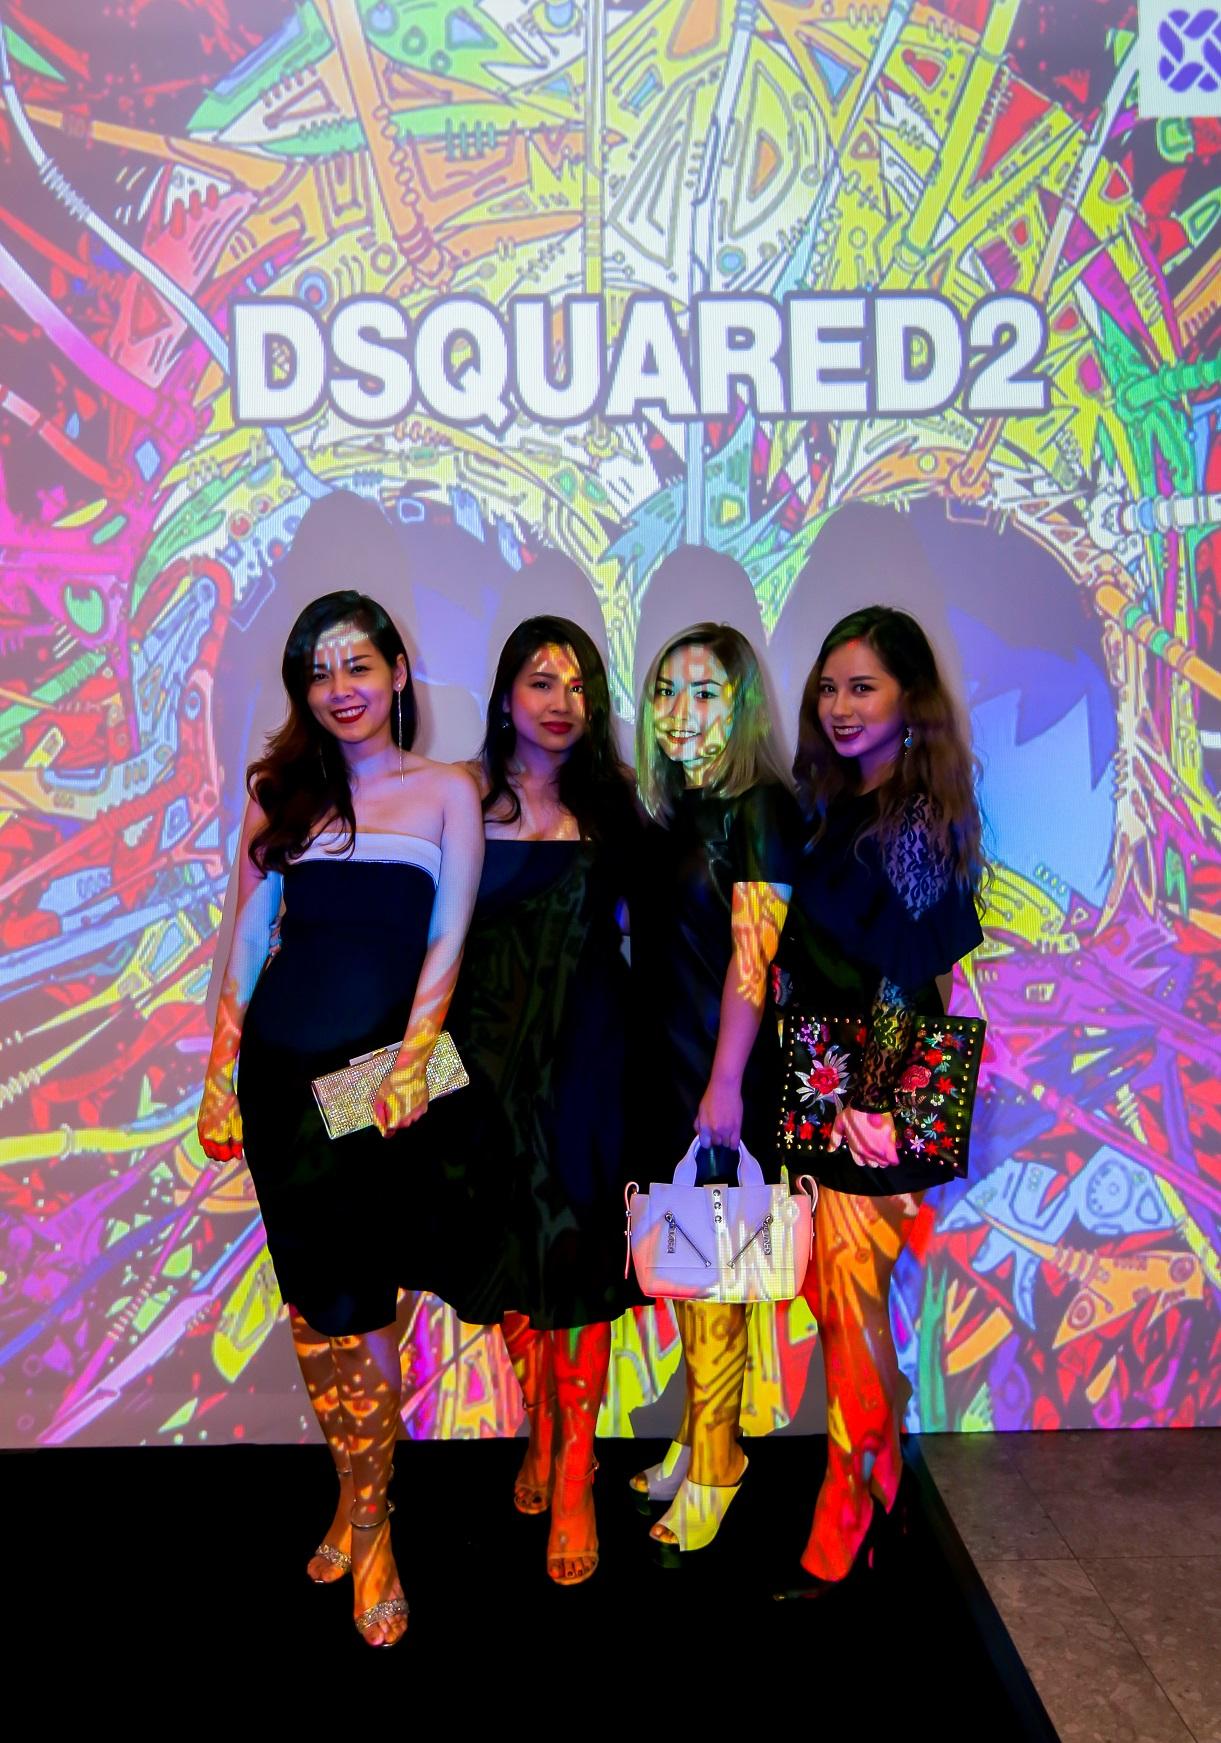 Á hậu Áo Dài Đặng Thùy Giang (phải) cũng xuất hiện tại đêm tiệc của thương hiệu Dsquared2.